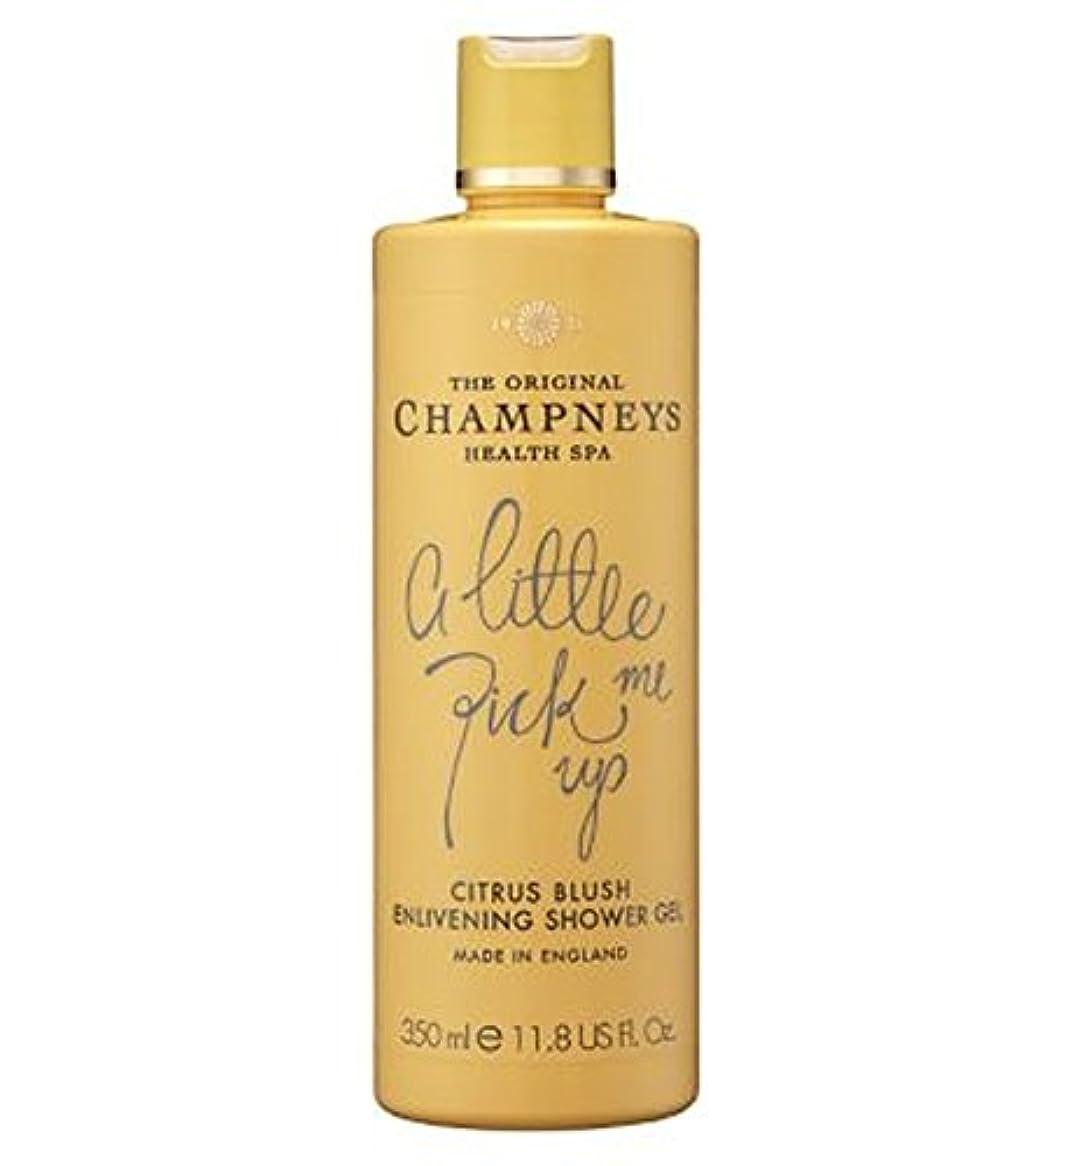 頂点ファンネルウェブスパイダー追加するChampneys Citrus Blush Enlivening Shower Gel 350ml - チャンプニーズシトラス赤面盛り上げシャワージェル350ミリリットル (Champneys) [並行輸入品]